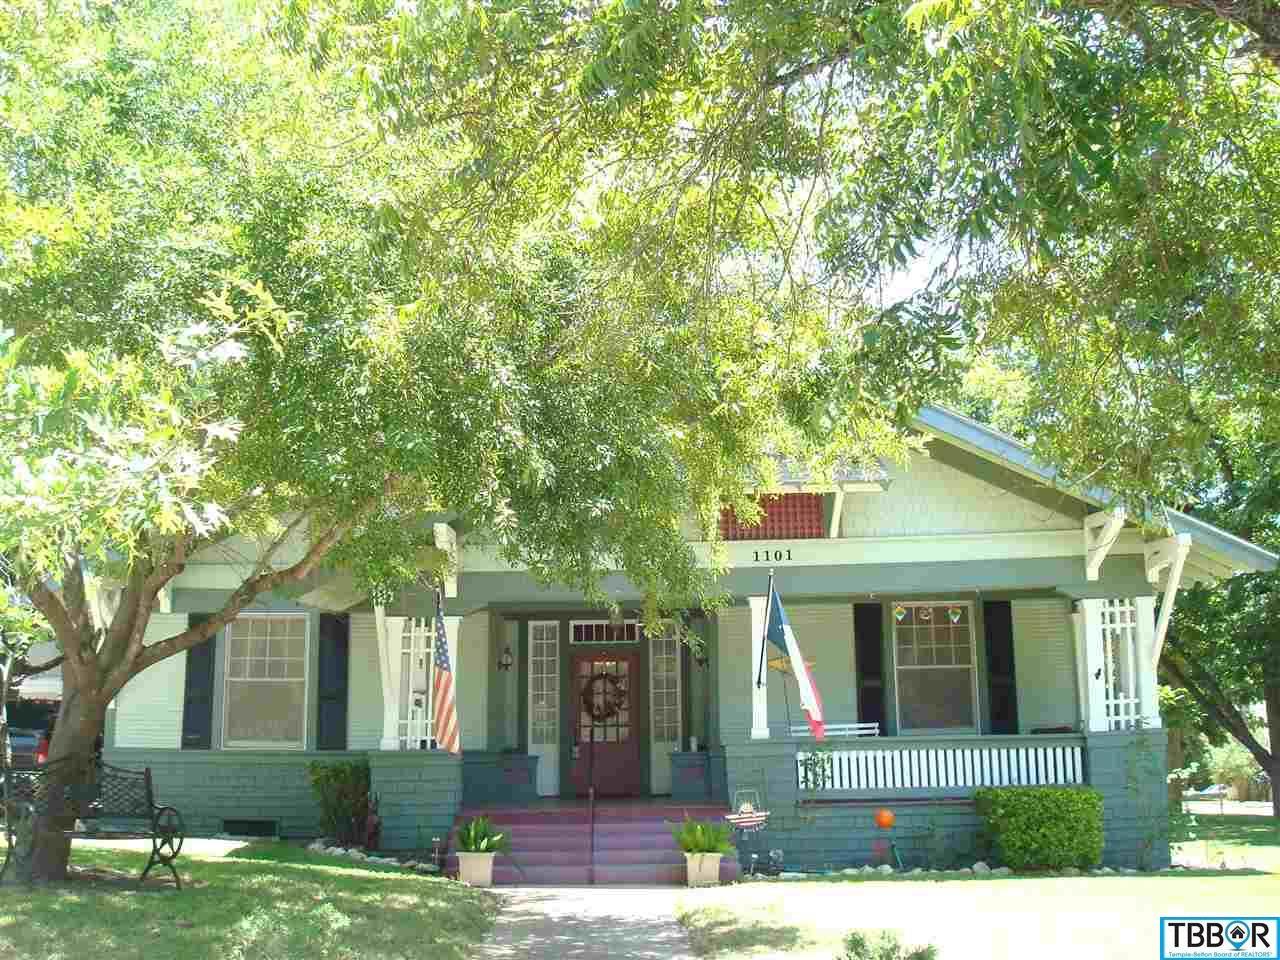 1101 N 3rd Street, Temple TX 76501 - Photo 2